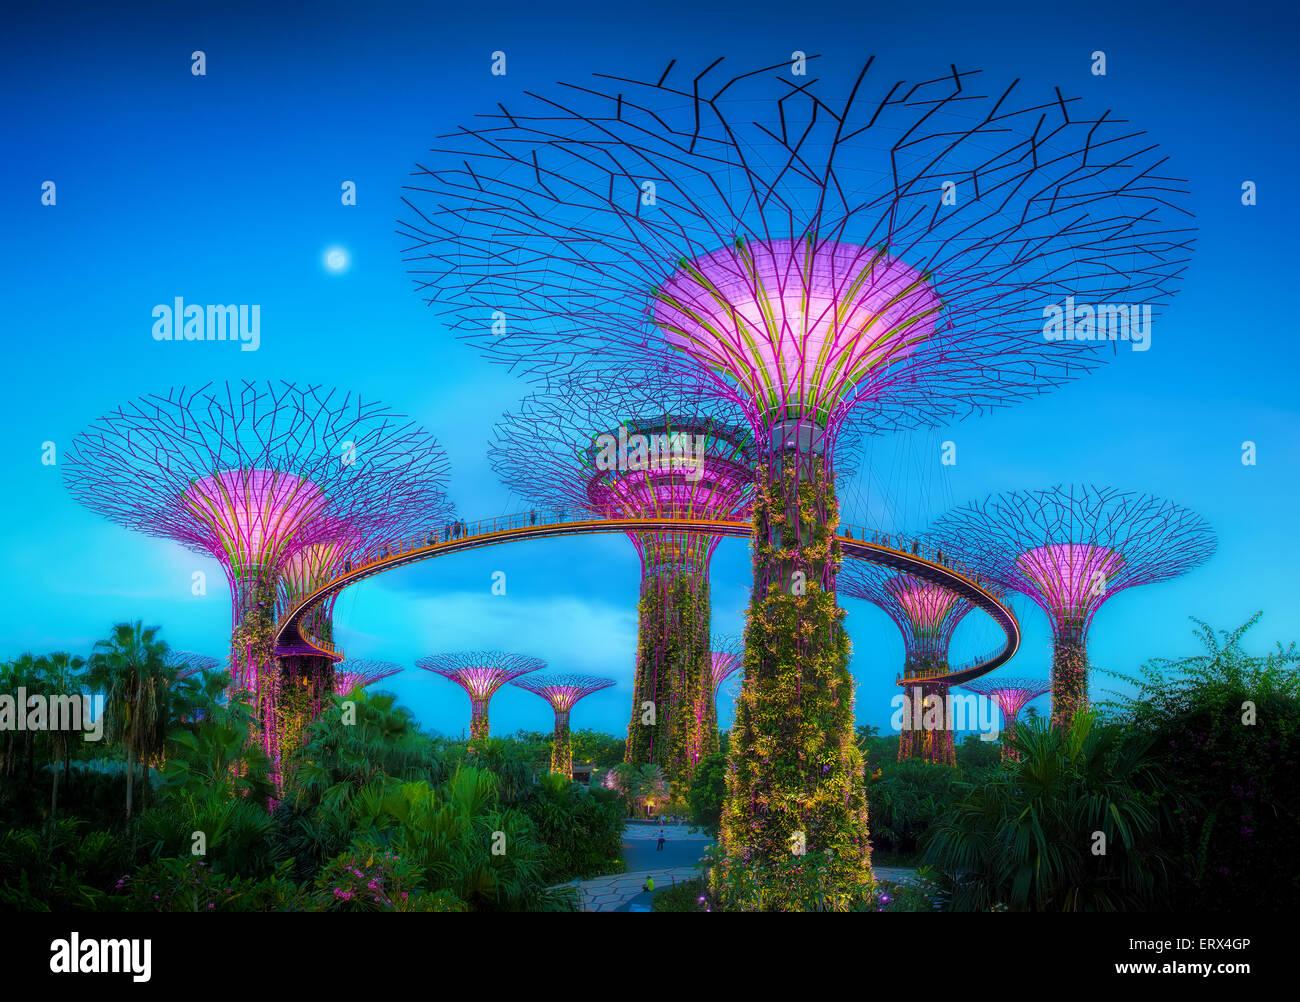 Singapur-jun 1: Noche de vista del Supertree Grove en jardines junto a la bahía sobre Jun 1, 2015 en Singapur. Imagen De Stock